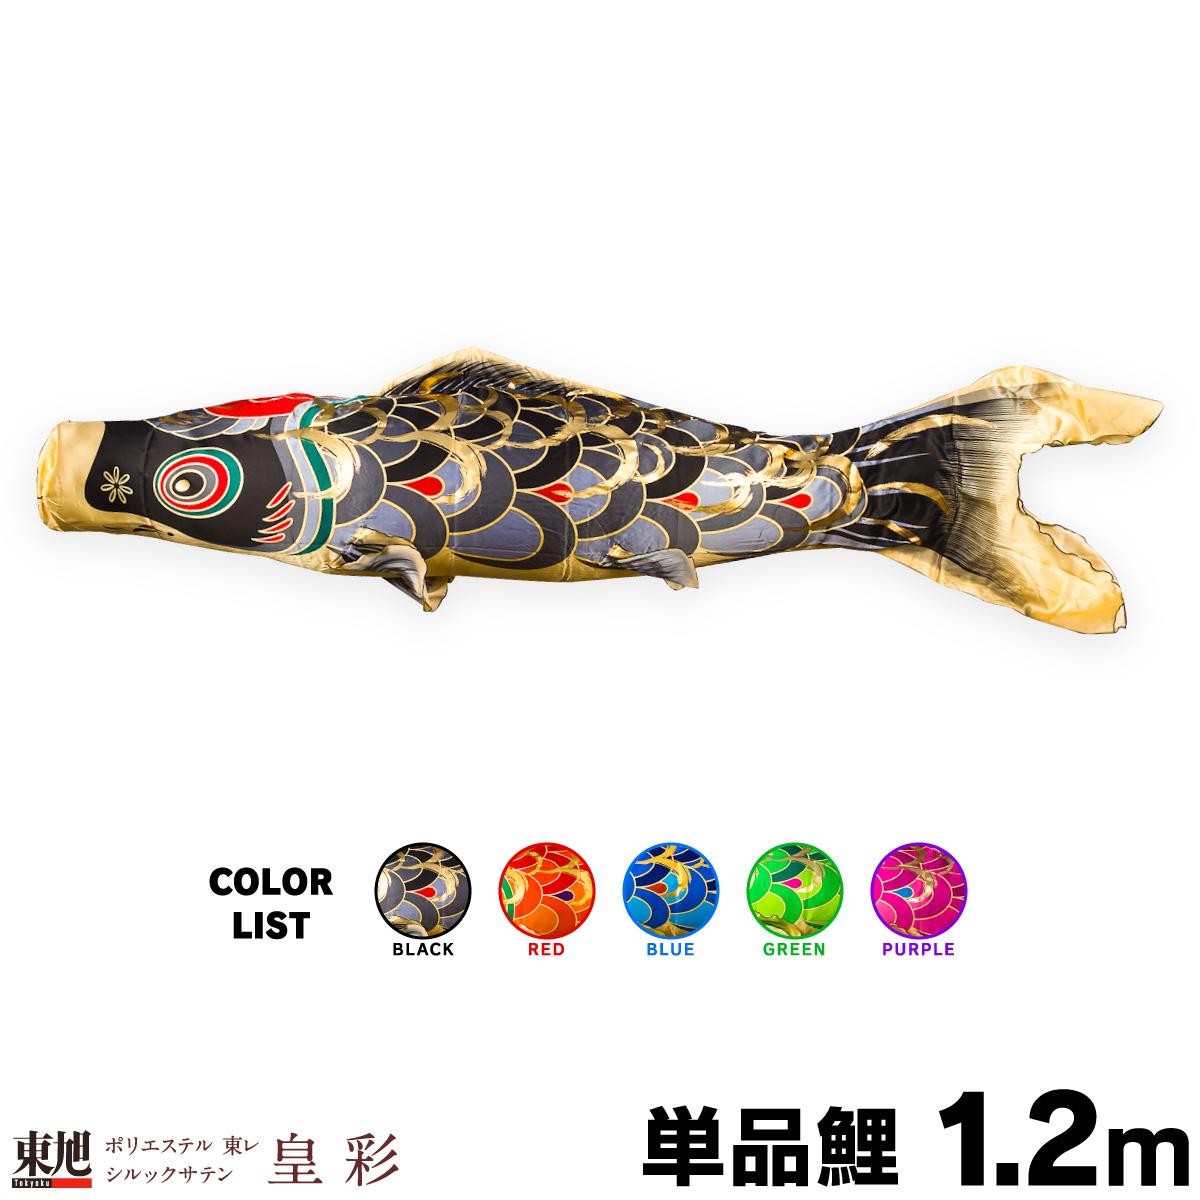 【こいのぼり 単品】 皇彩 1.2m 単品鯉